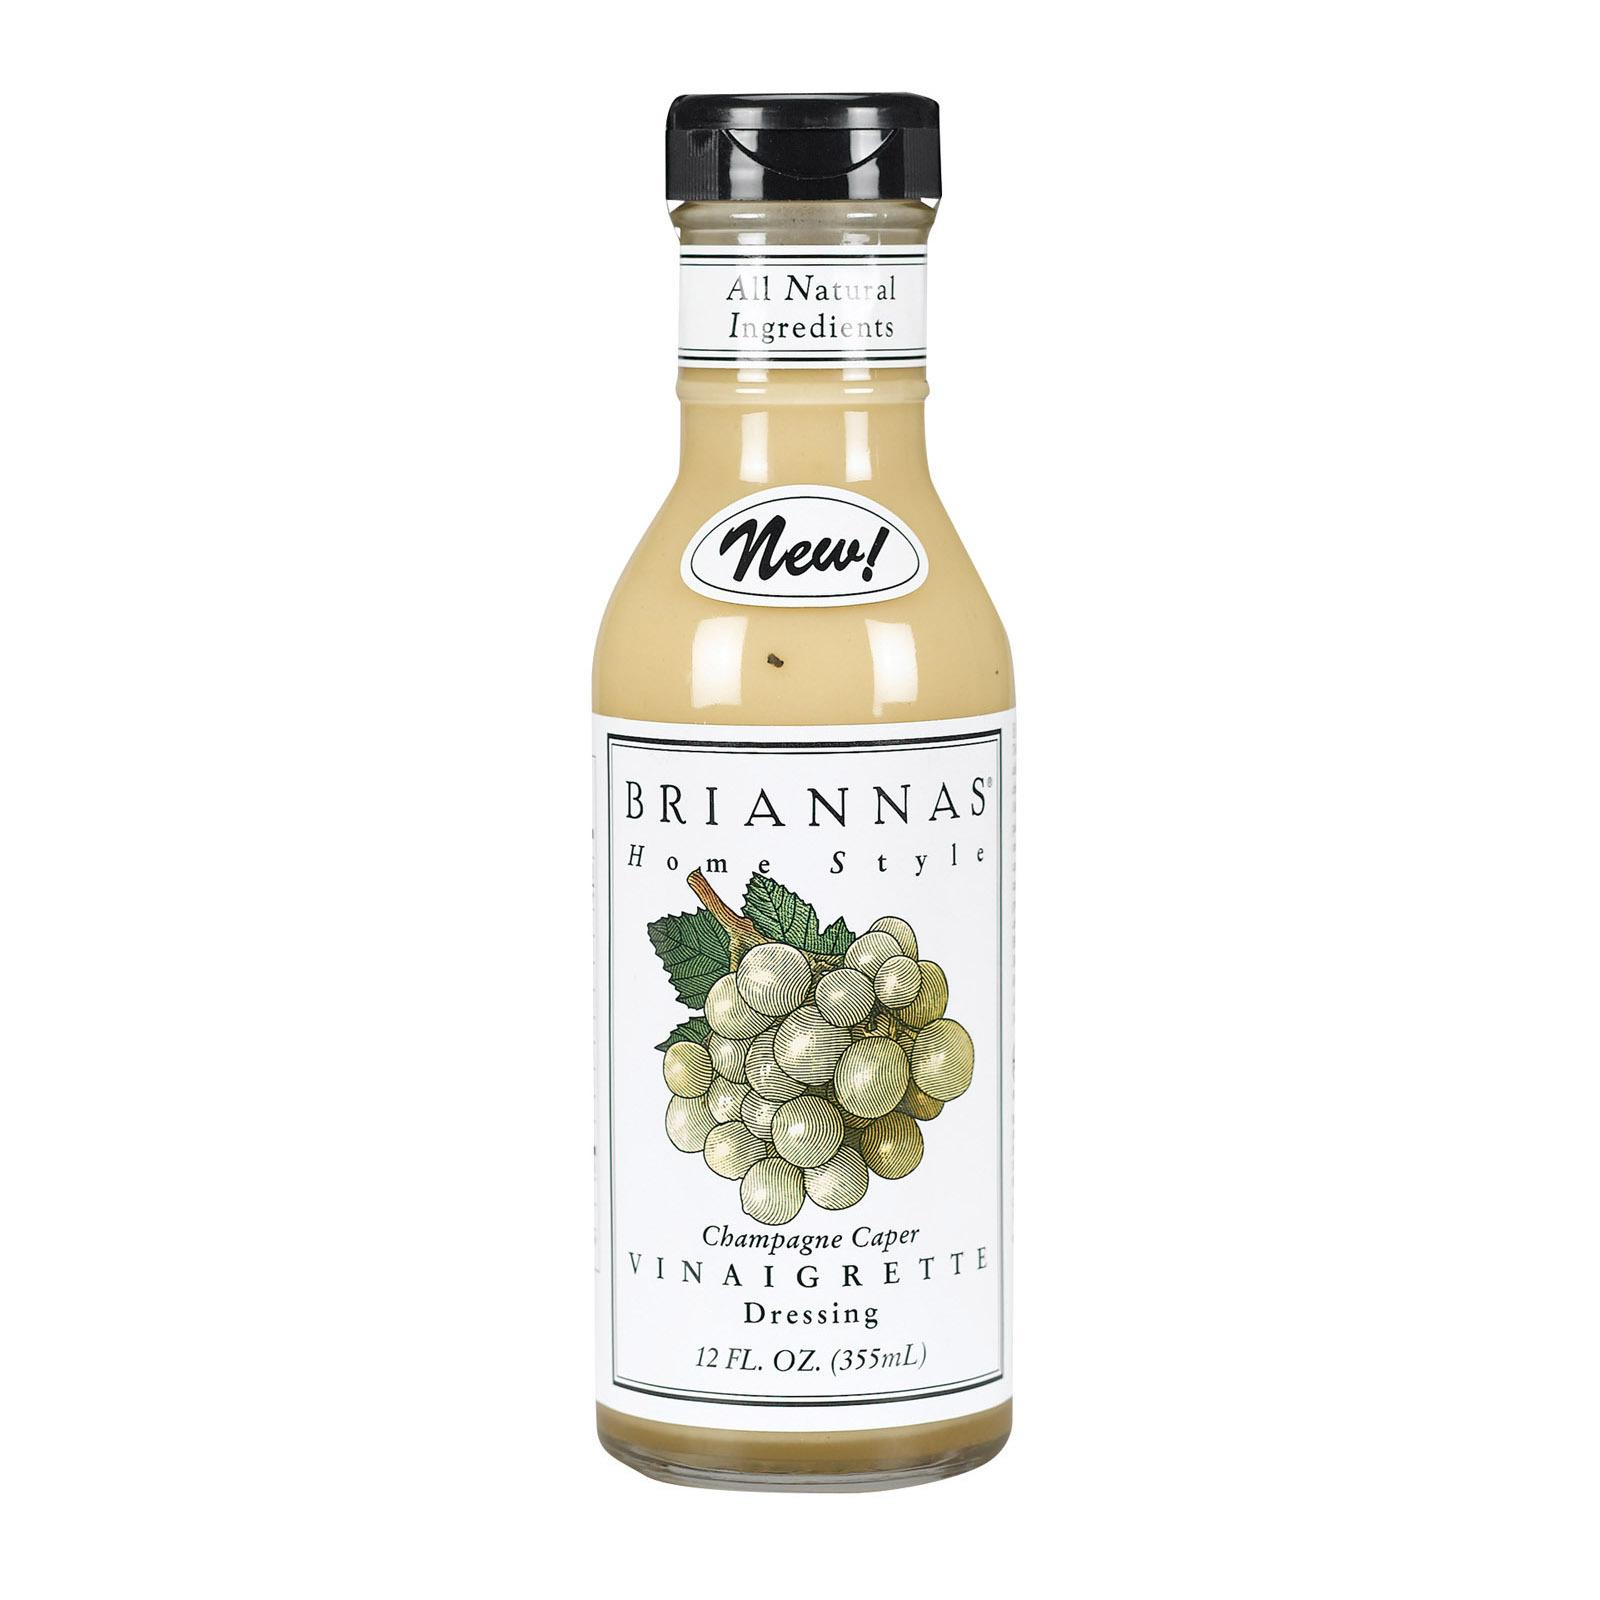 Brianna's Vinaigrette Dressing - Champagne Caper - Case of 6 - 12 oz.